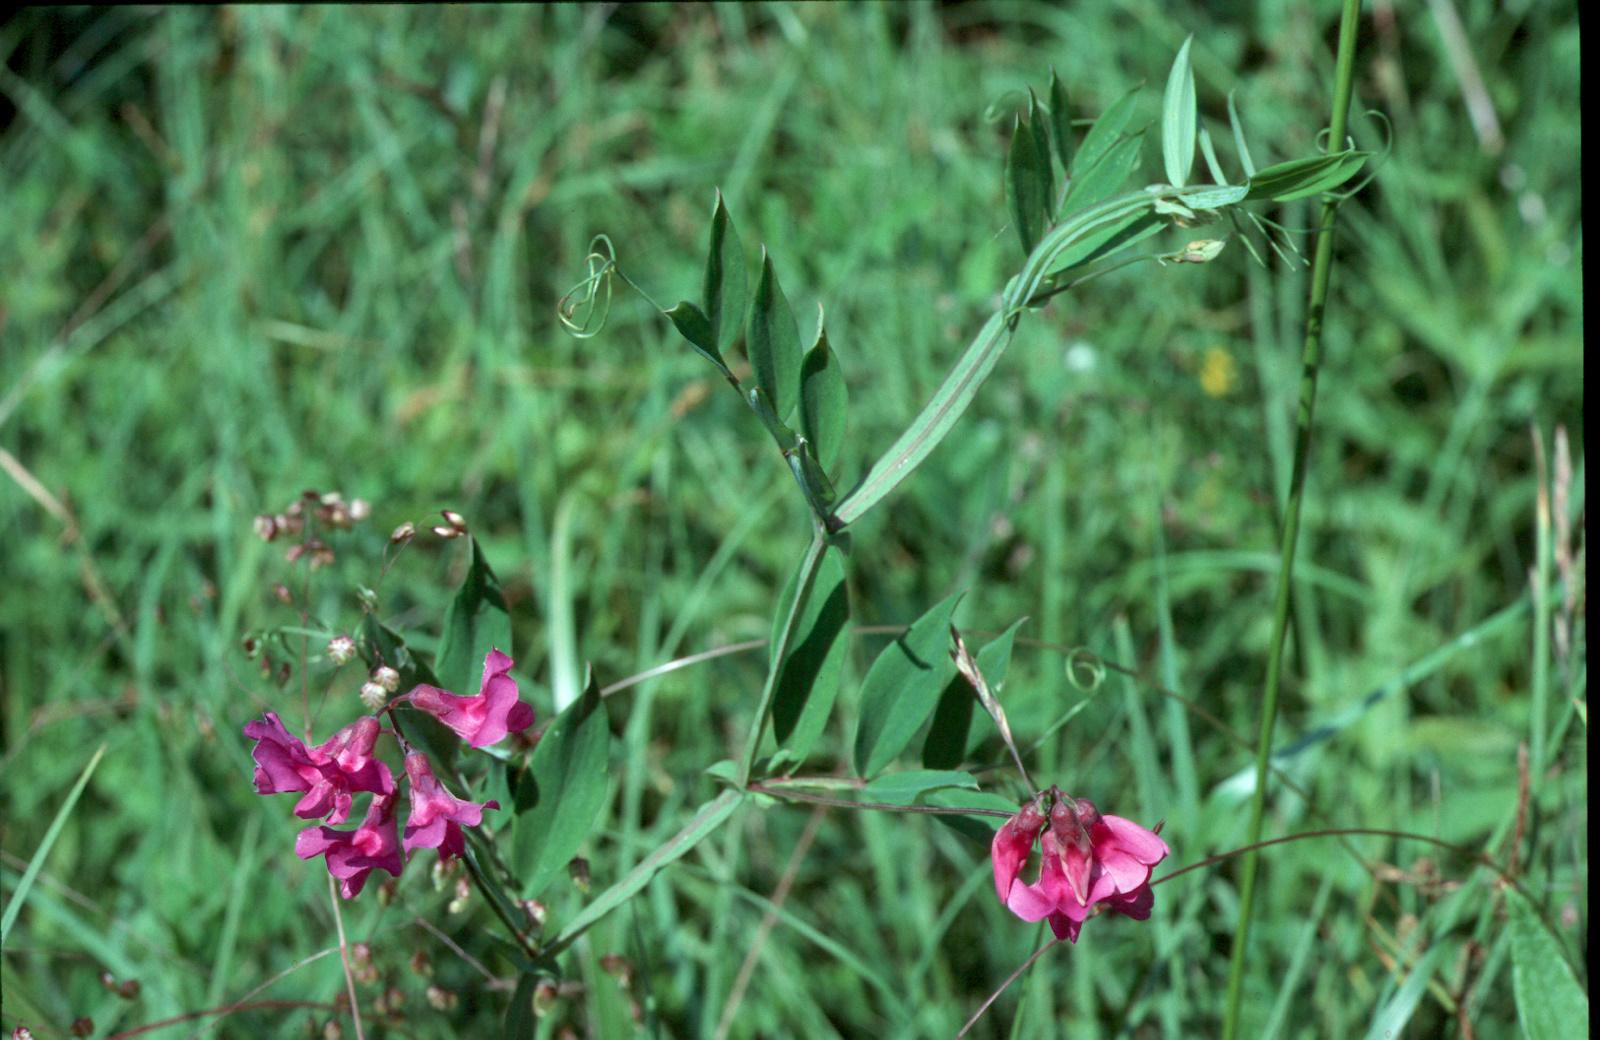 Lathyrus palustris